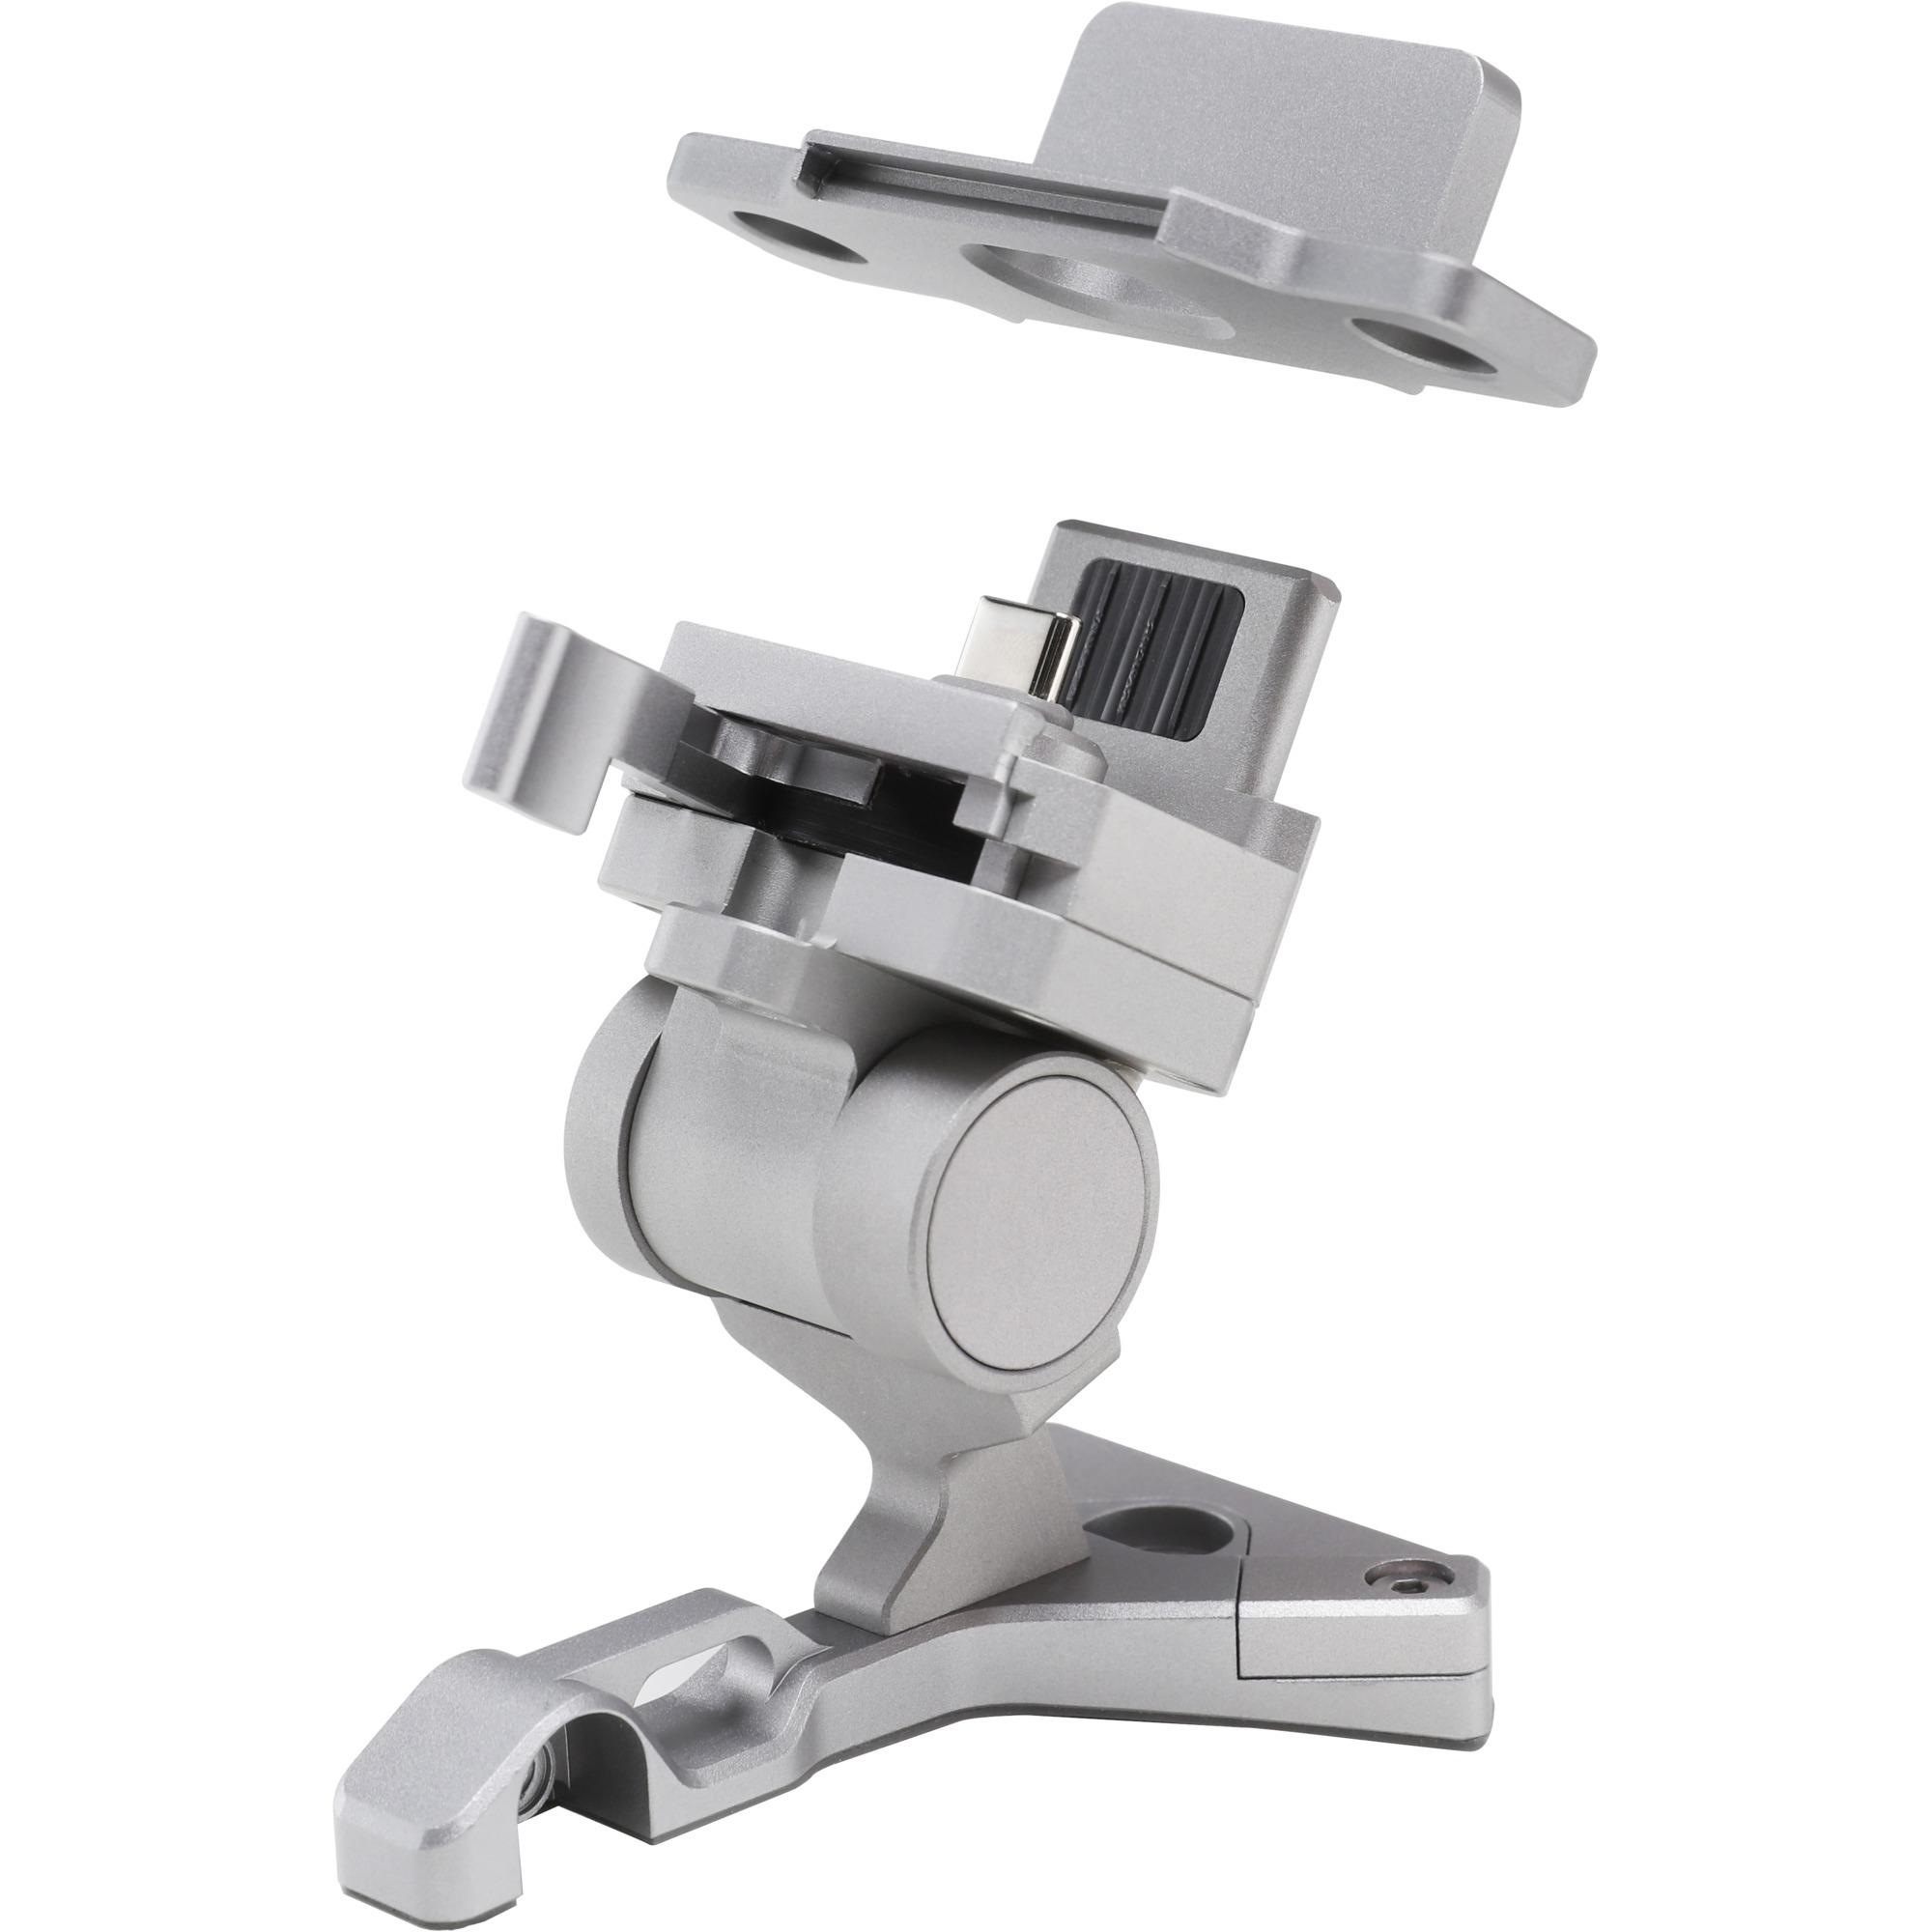 CP.BX.000231 accesorio de mandos a distancia, Soporte